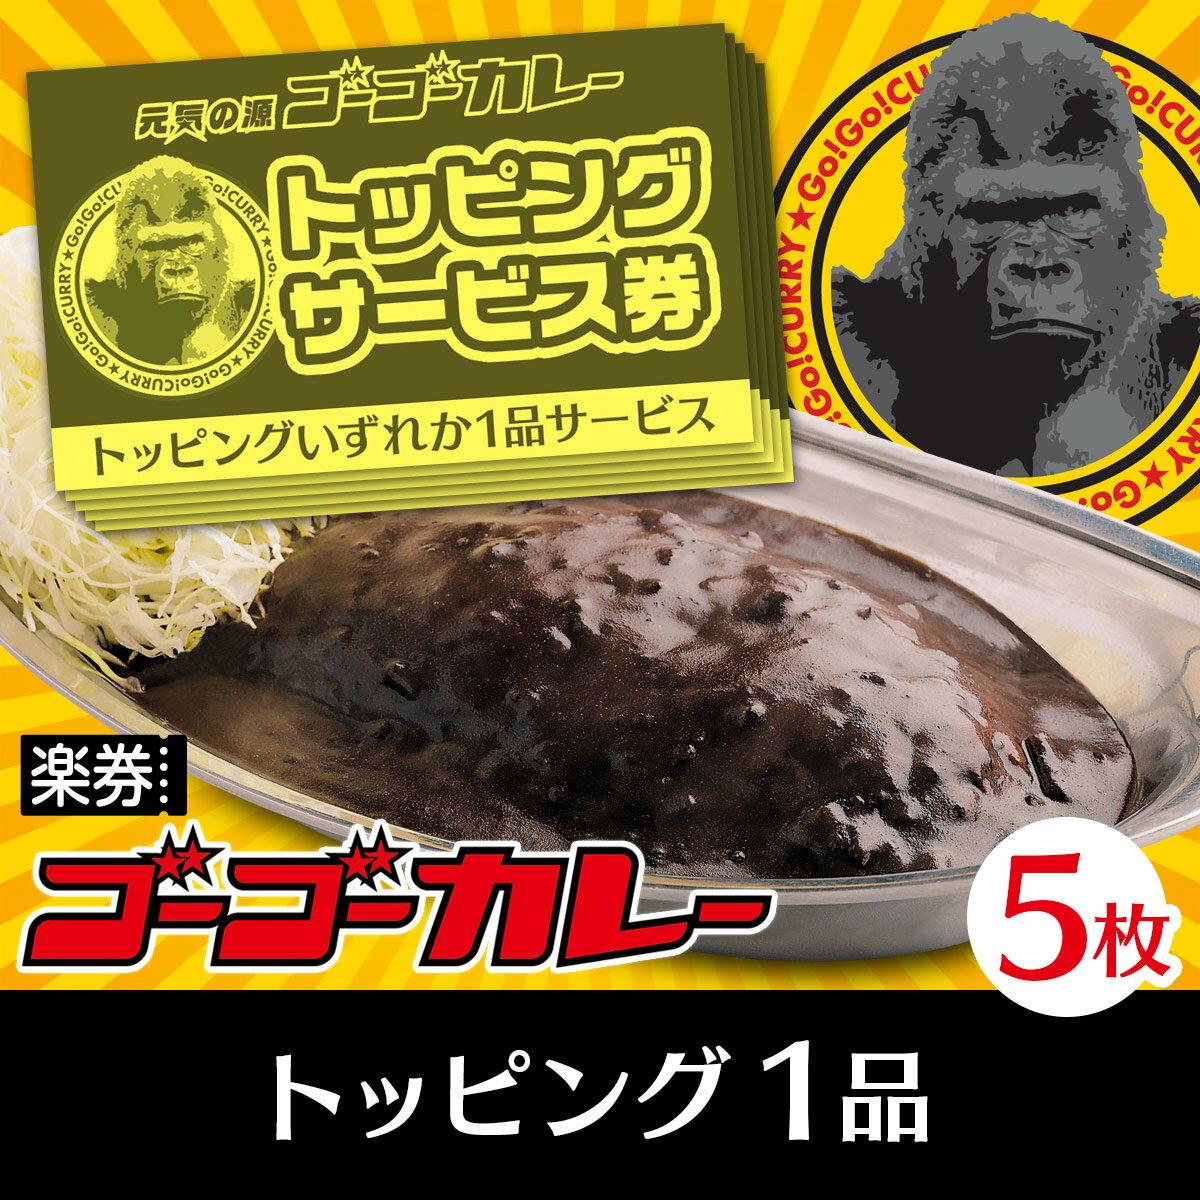 【楽券】 ゴーゴーカレー トッピング 1品券 5枚セット